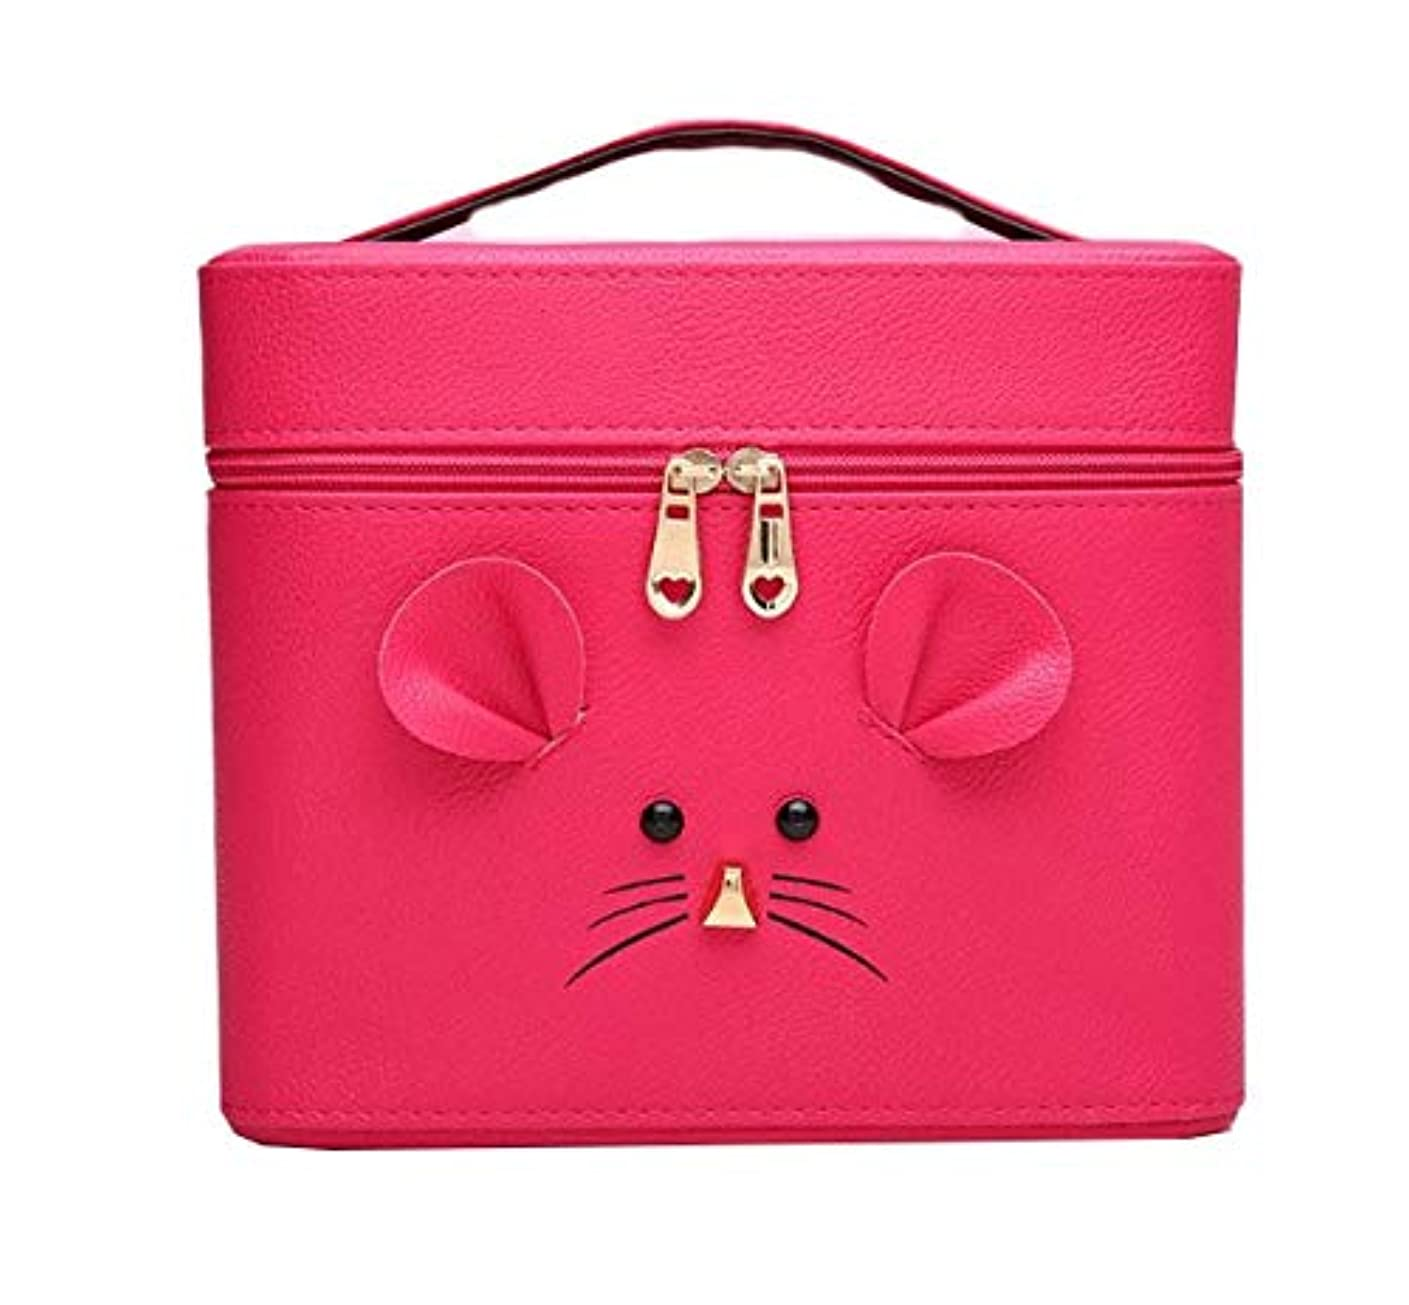 農学回転させる刺繍化粧箱、ローズレッド漫画マウス化粧ケース、ポータブル旅行化粧品ケース、美容ネイルジュエリー収納ボックス (Size : M)